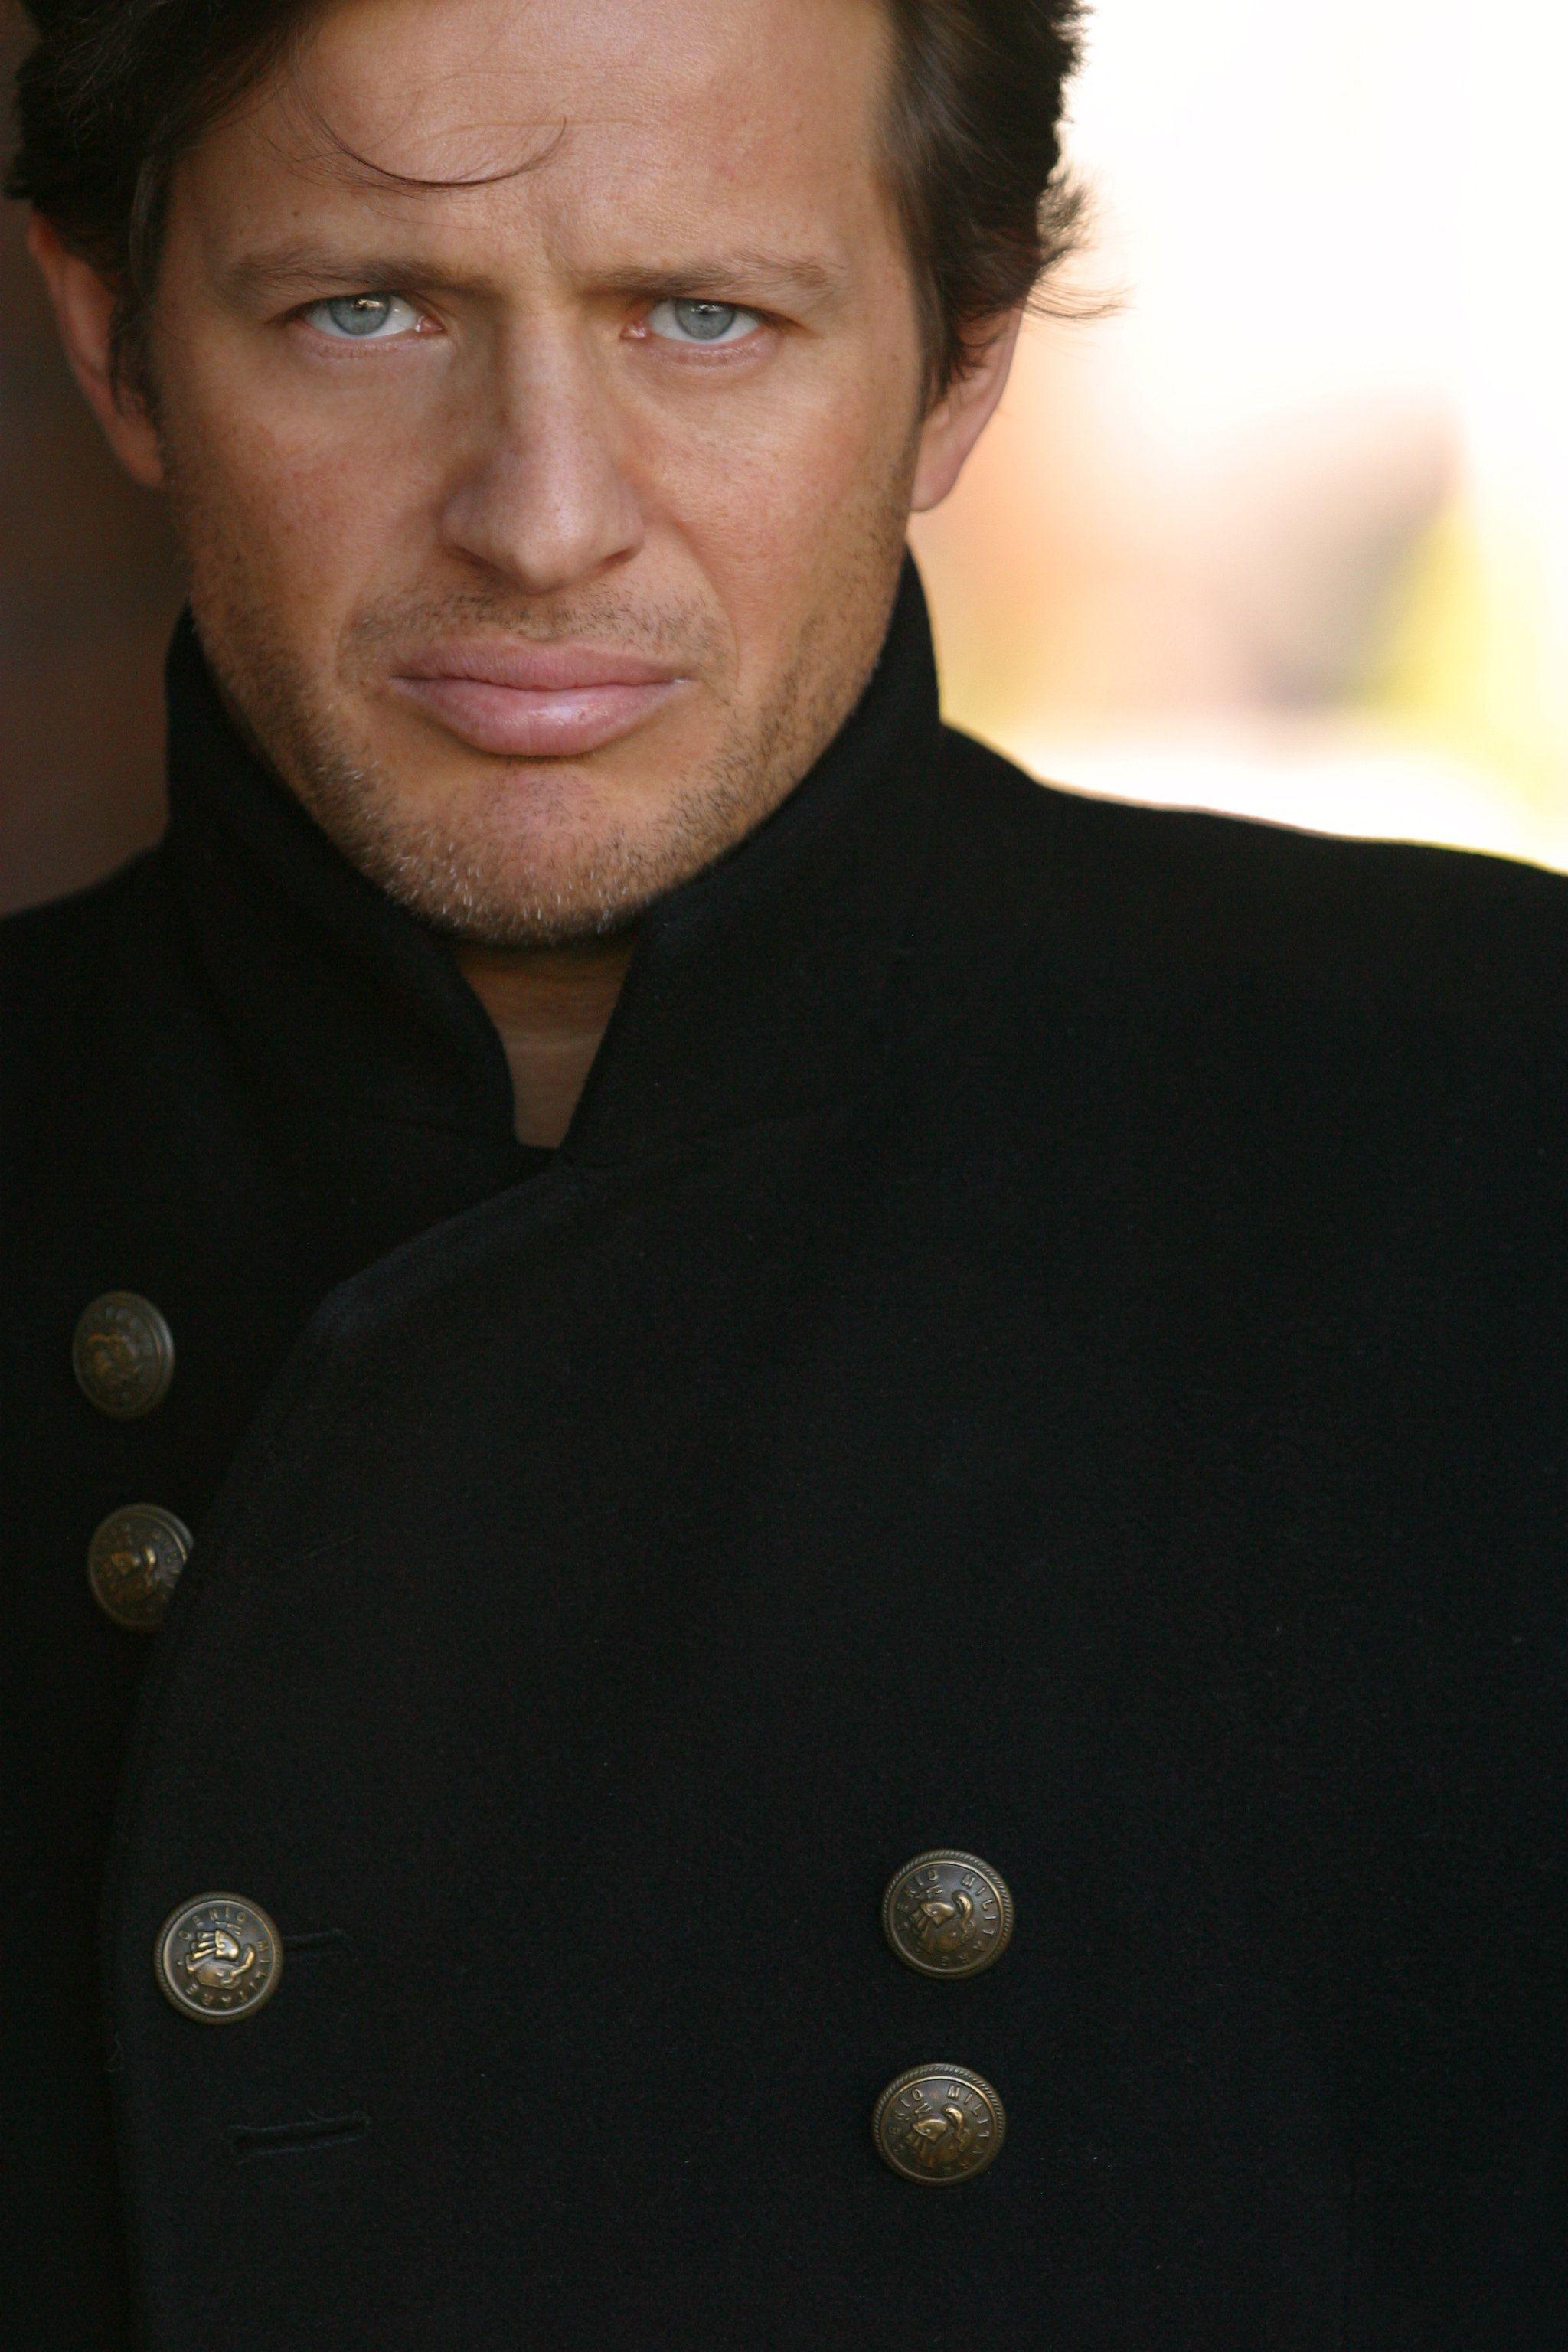 Costas Mandylor Greek, Australian Actor